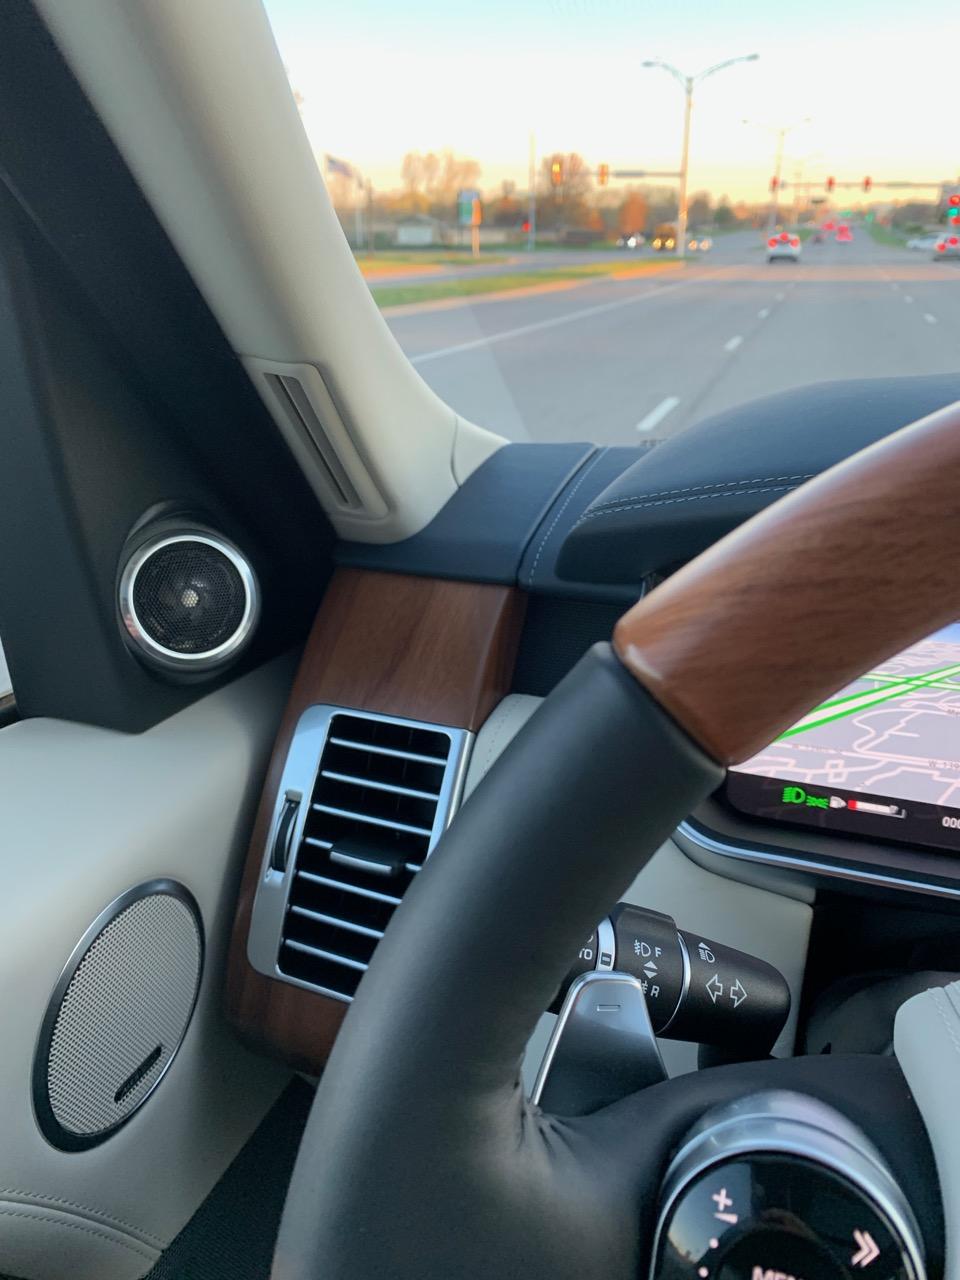 Steering Wheel Leather Color Mistake?-img_0677.jpg